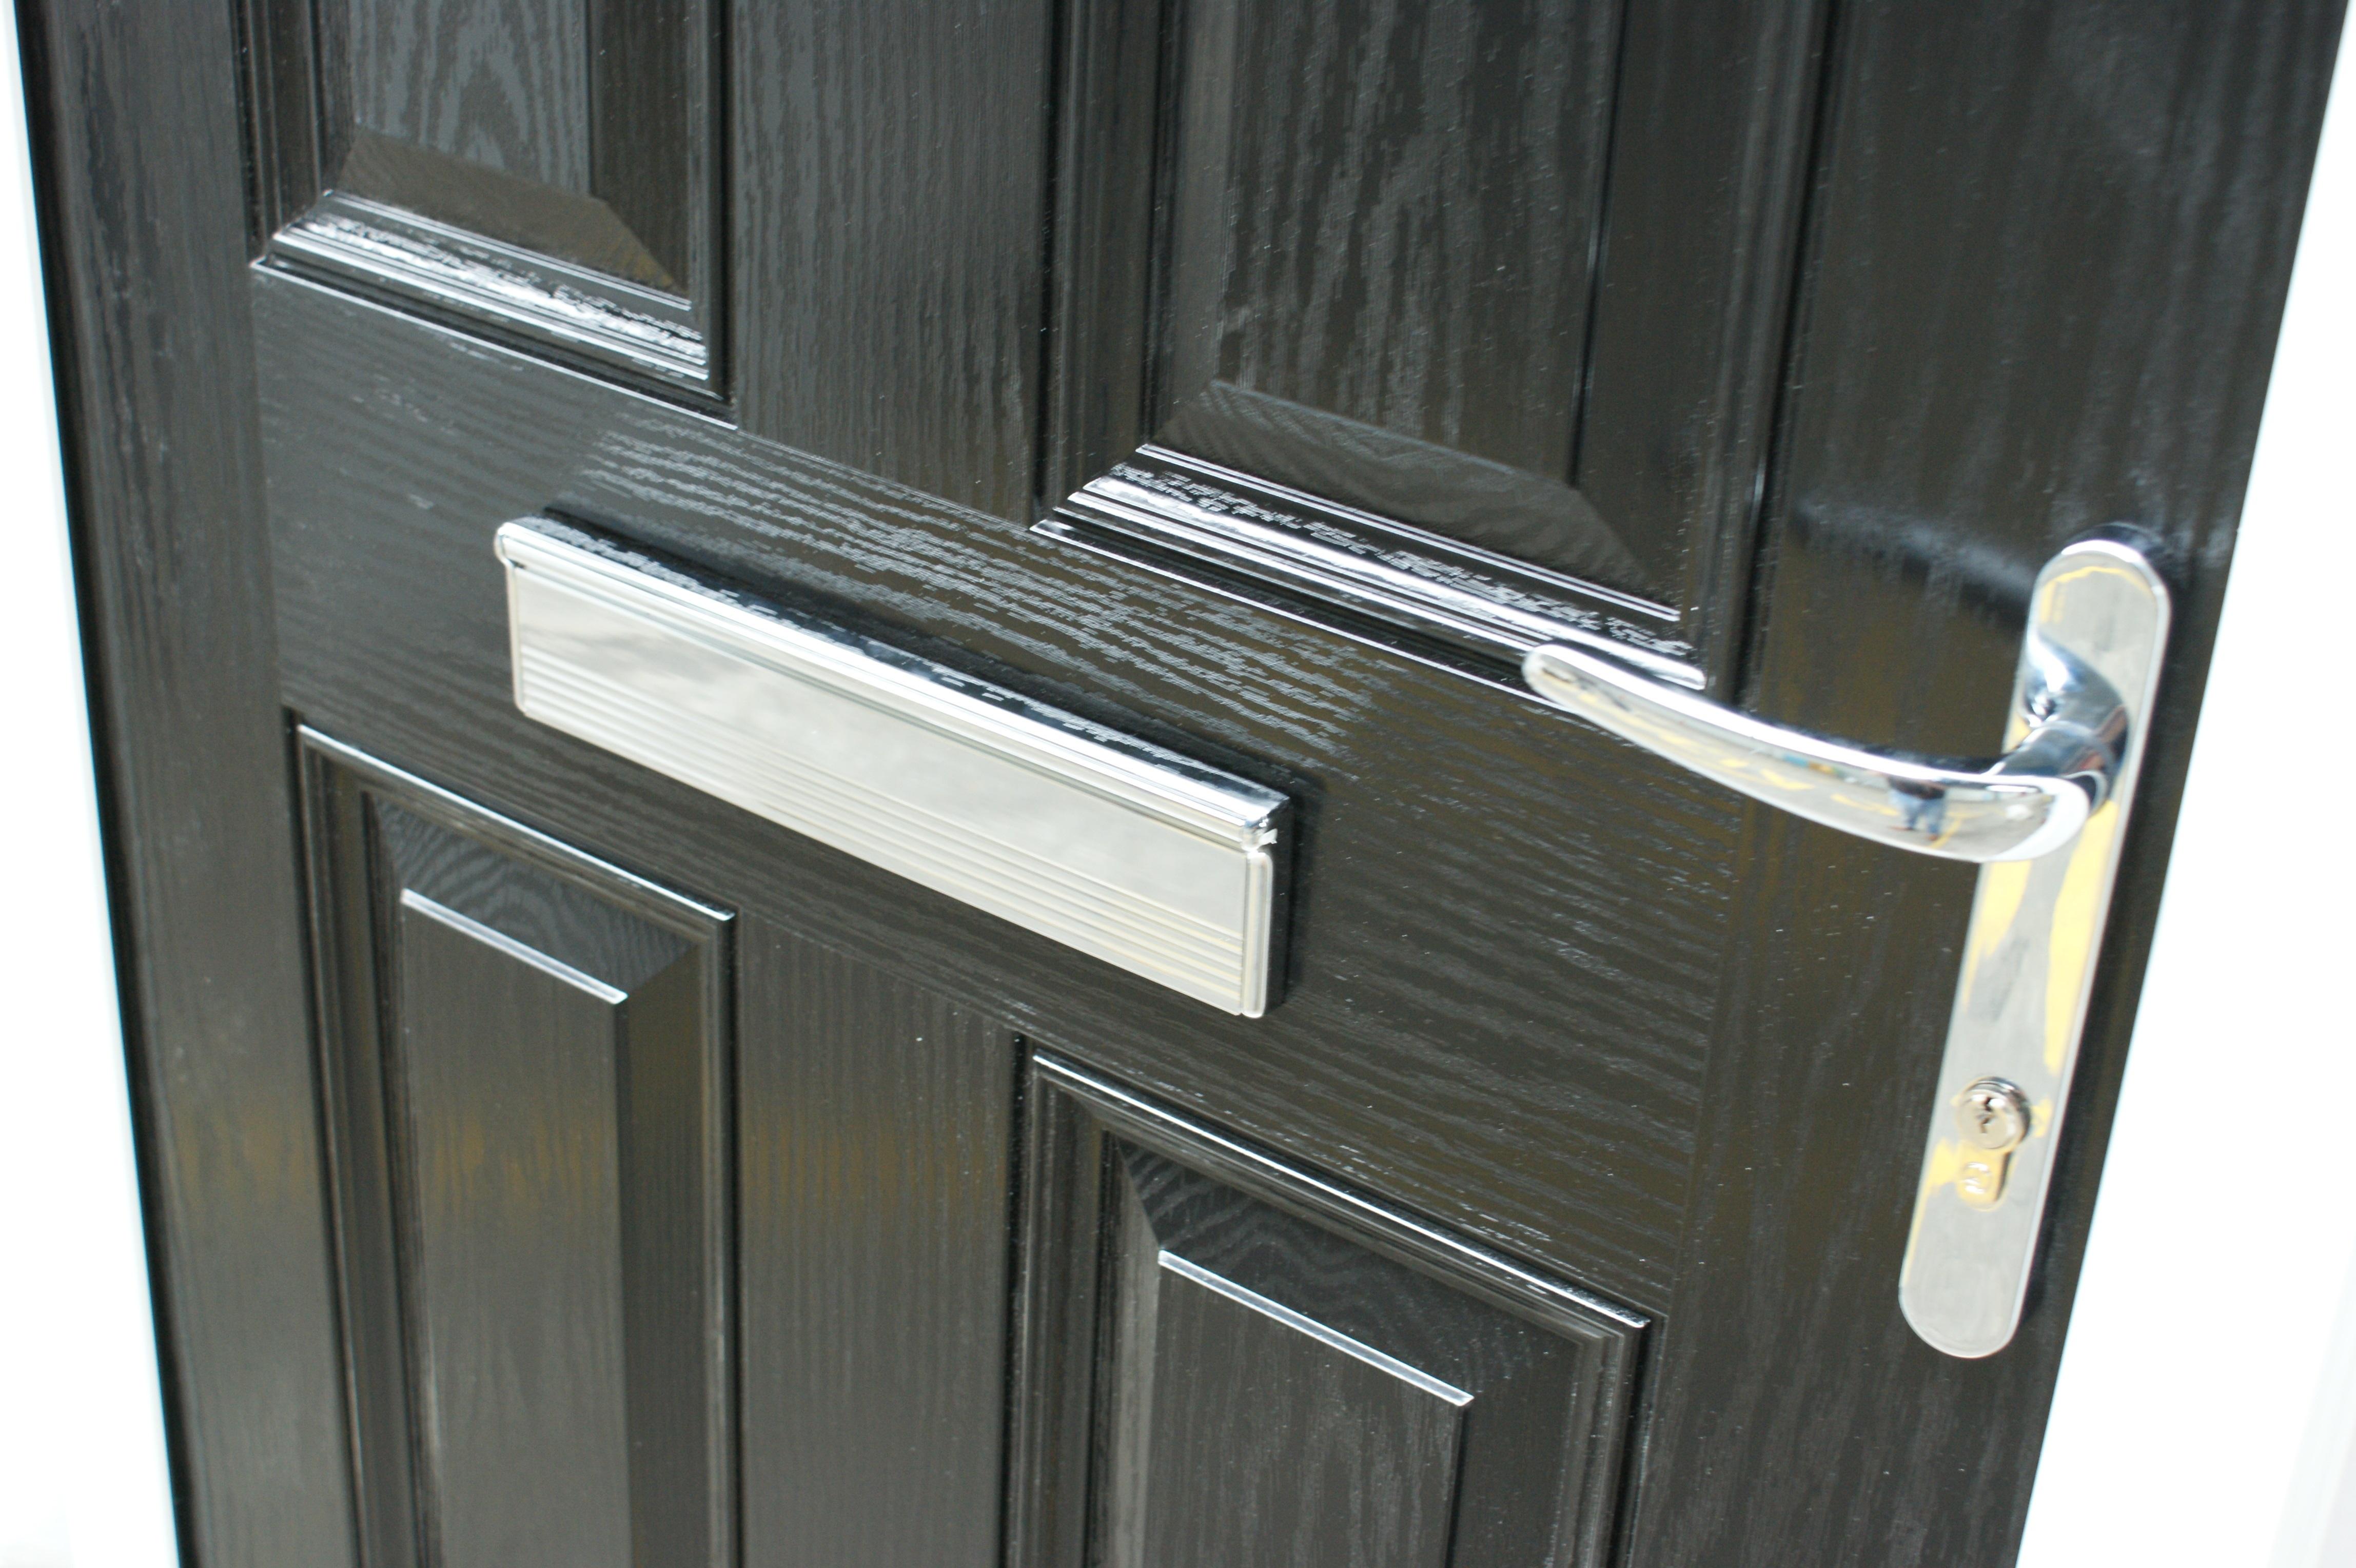 3056 #556C76 Doors Shop Composite Front Doors Old Composite Regency Black 3ft  wallpaper 3ft French Doors 46654592